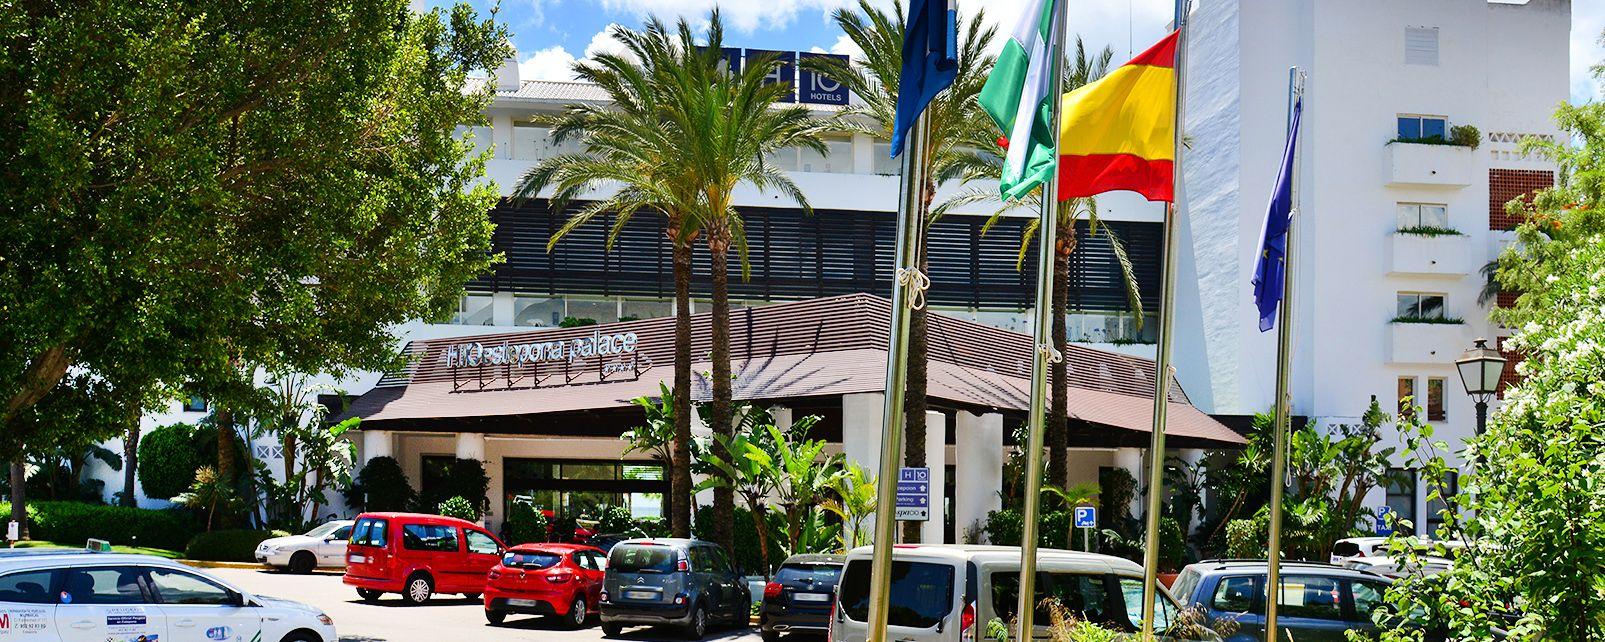 Hôtel H10 Estepona Palace